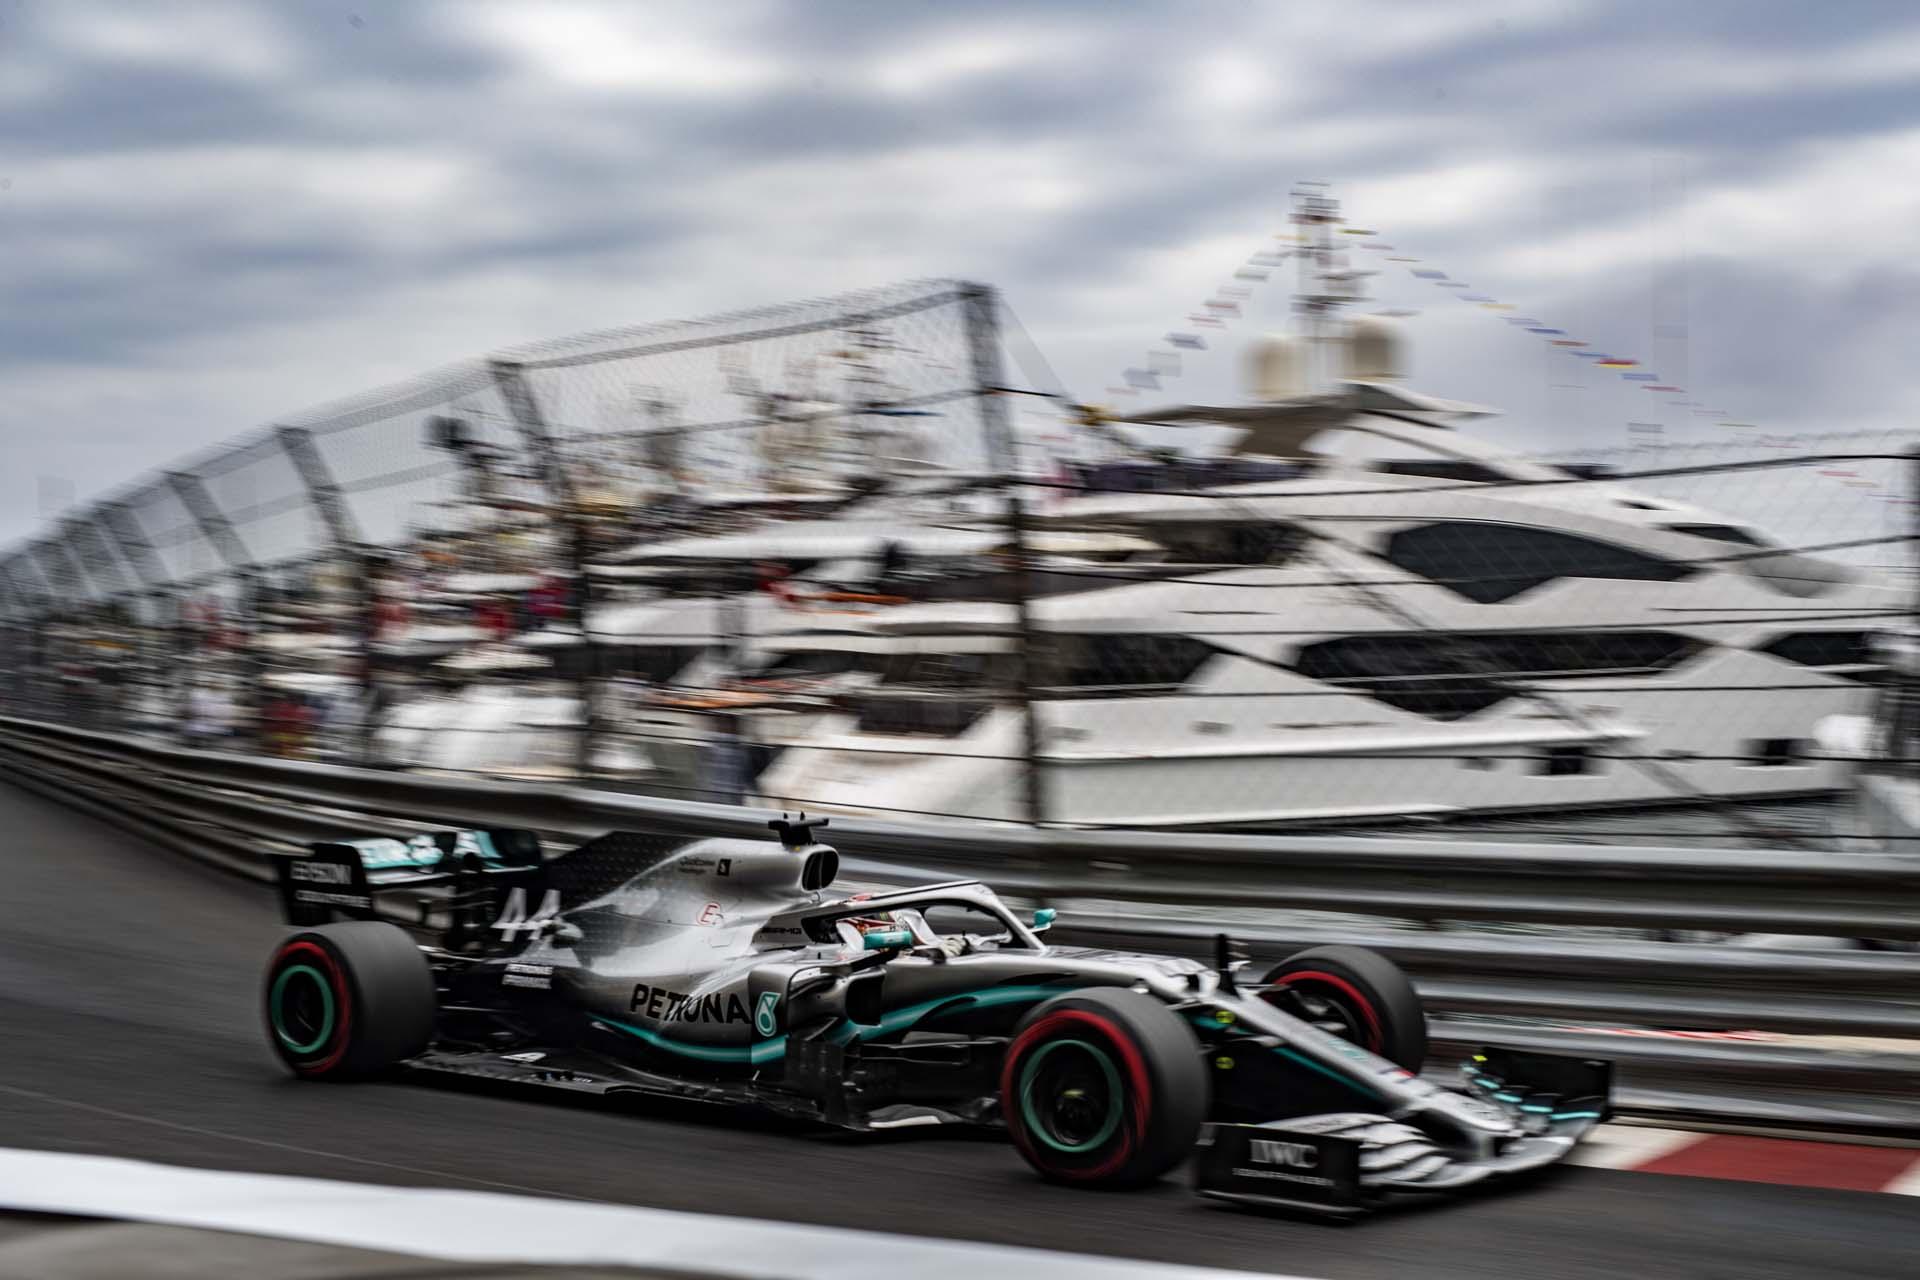 Großer Preis von Monaco 2019, Donnerstag - LAT Images